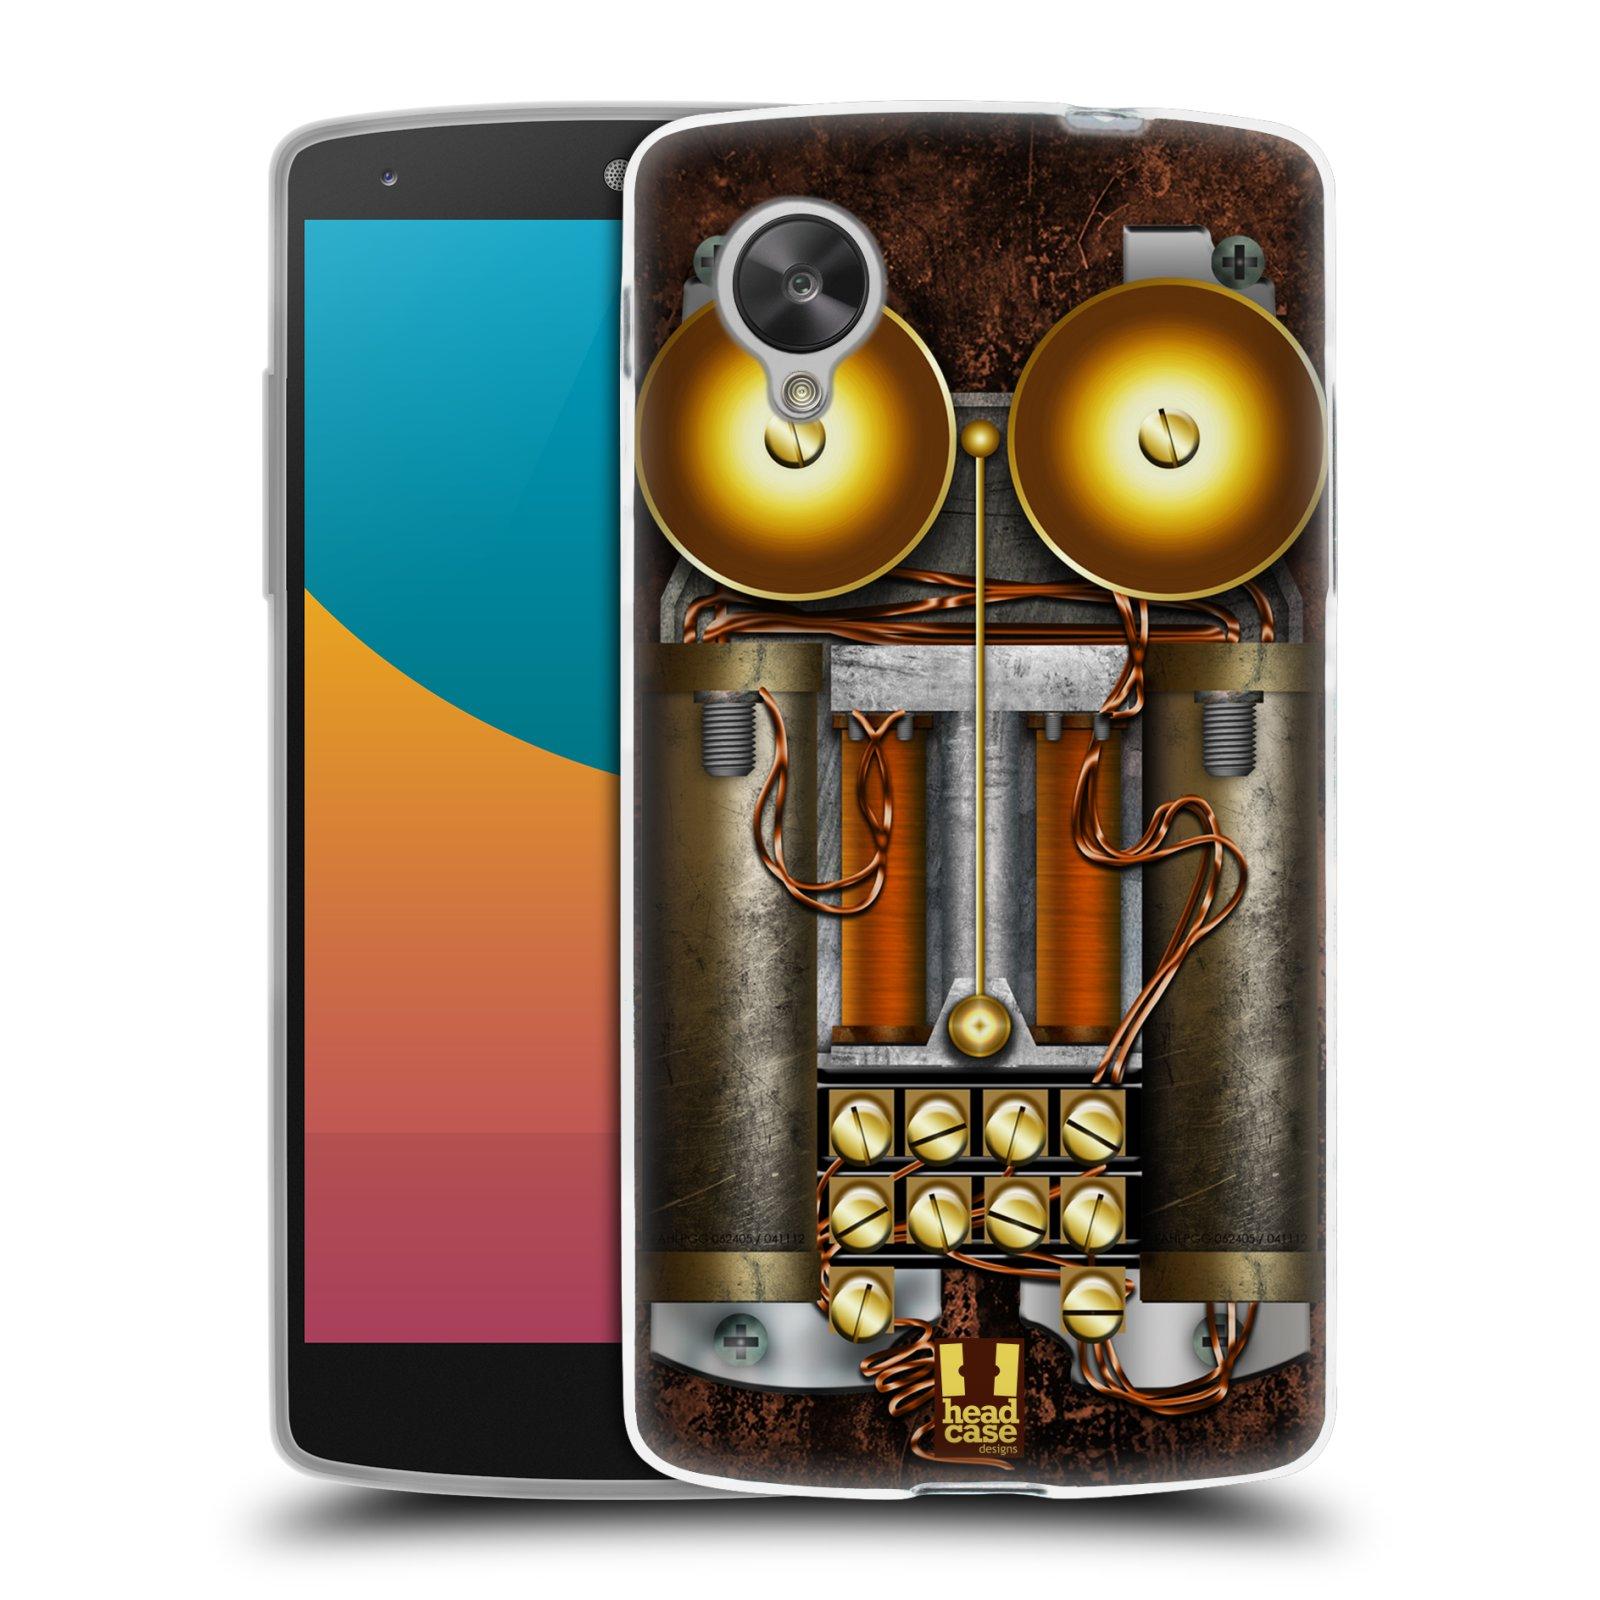 Silikonové pouzdro na mobil LG Nexus 5 HEAD CASE STEAMPUNK TELEFON (Silikonový kryt či obal na mobilní telefon LG Google Nexus 5 D821)